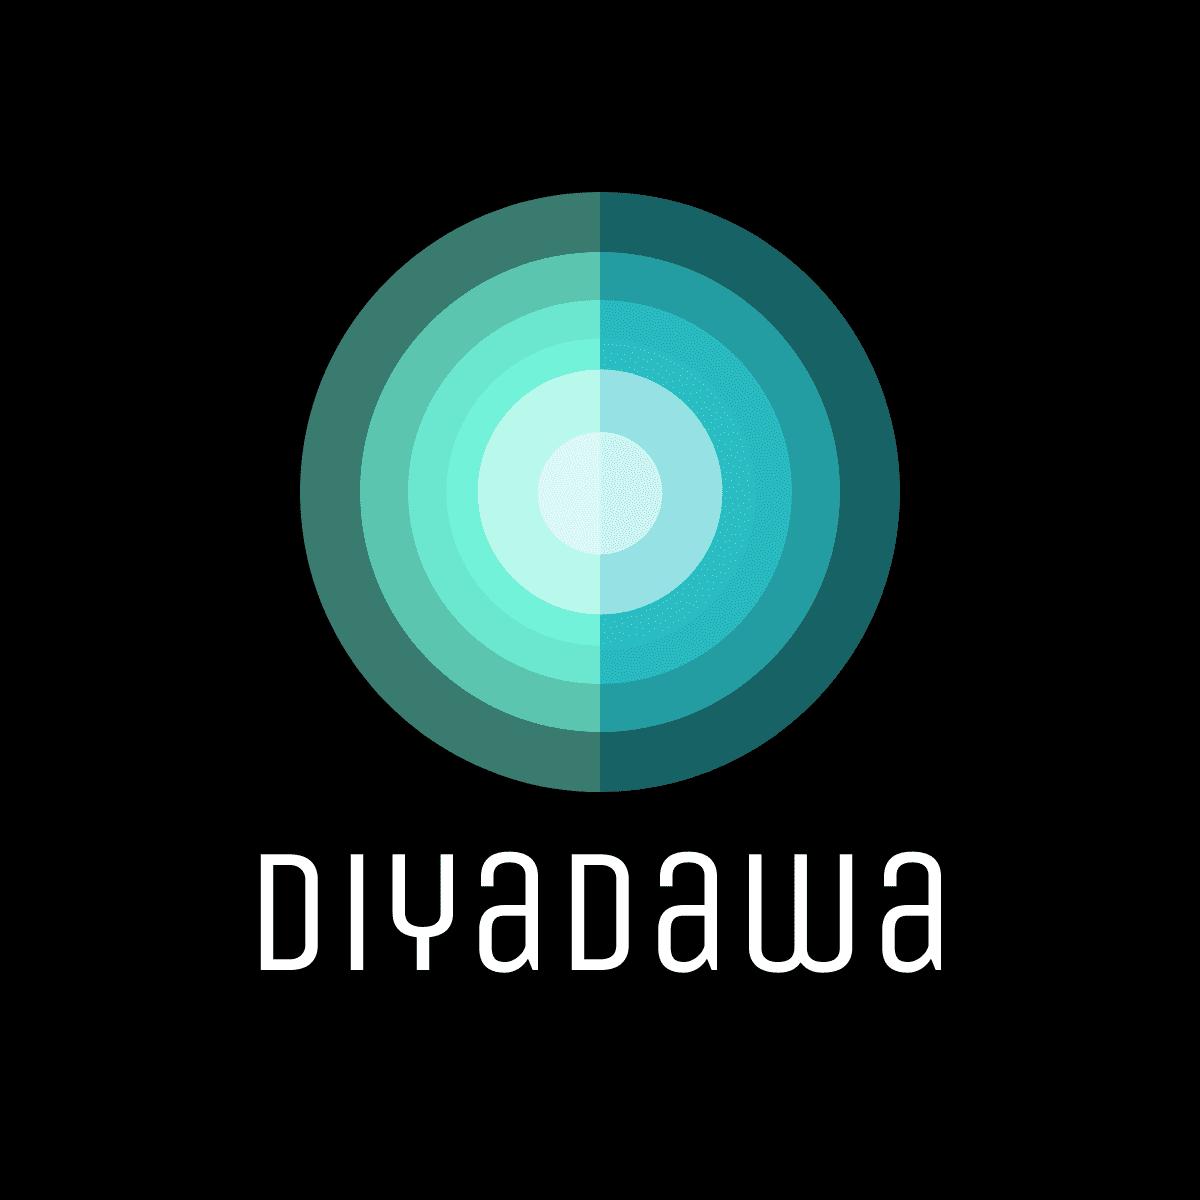 Diyadawa